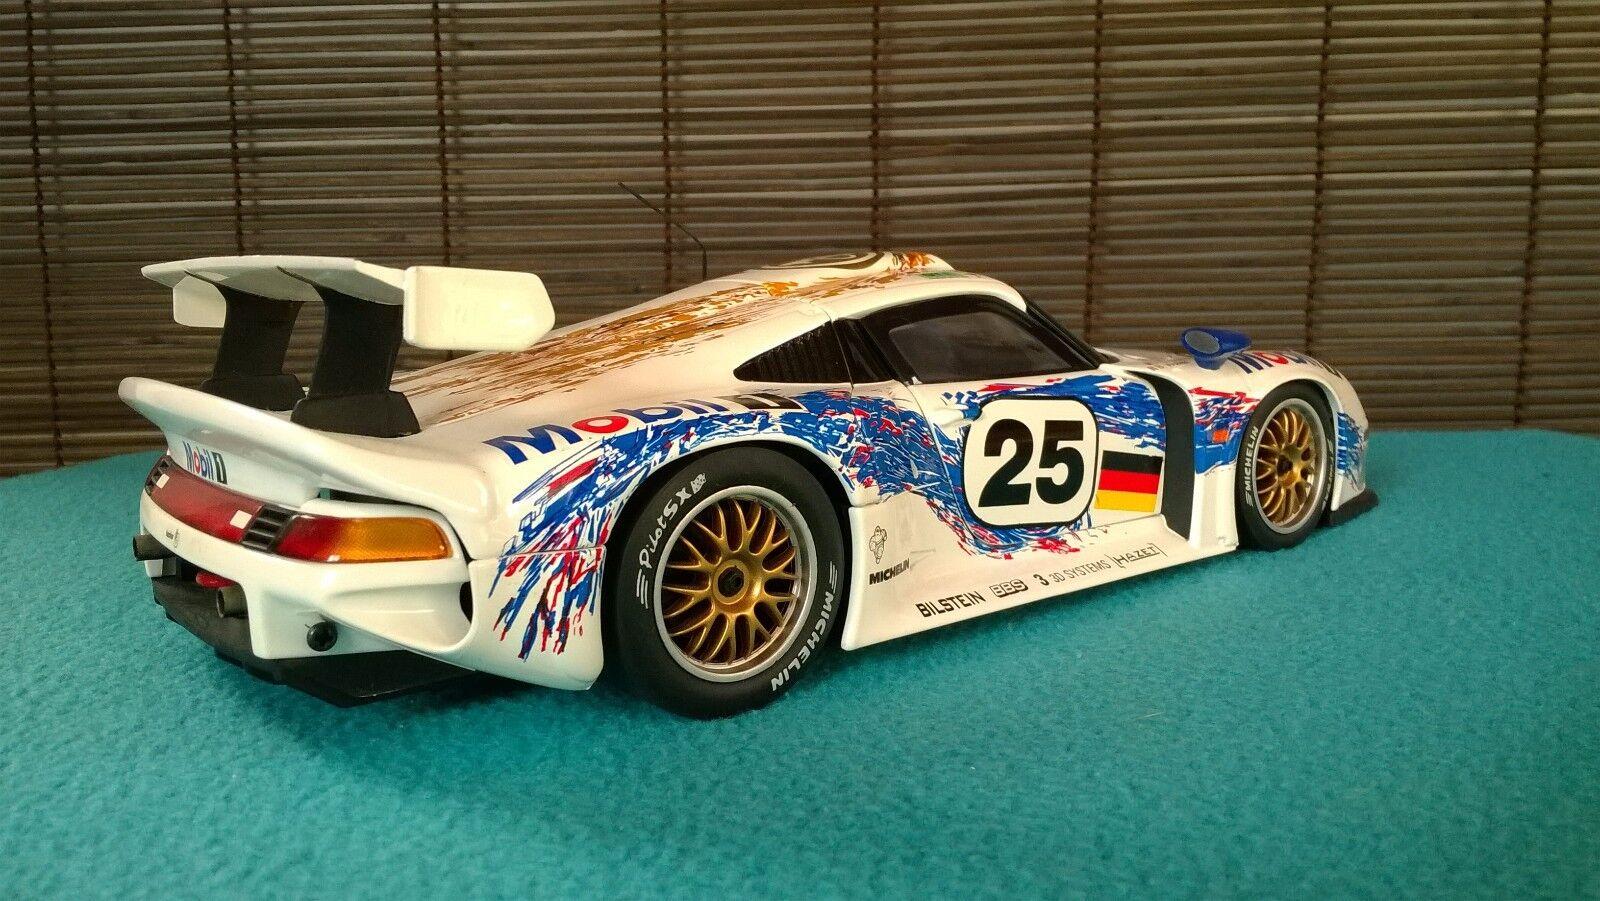 Porsche Porsche Porsche 911 GT1 Racing collection 1996 - Modellauto 1 18 UT Models in OVP 81adc1